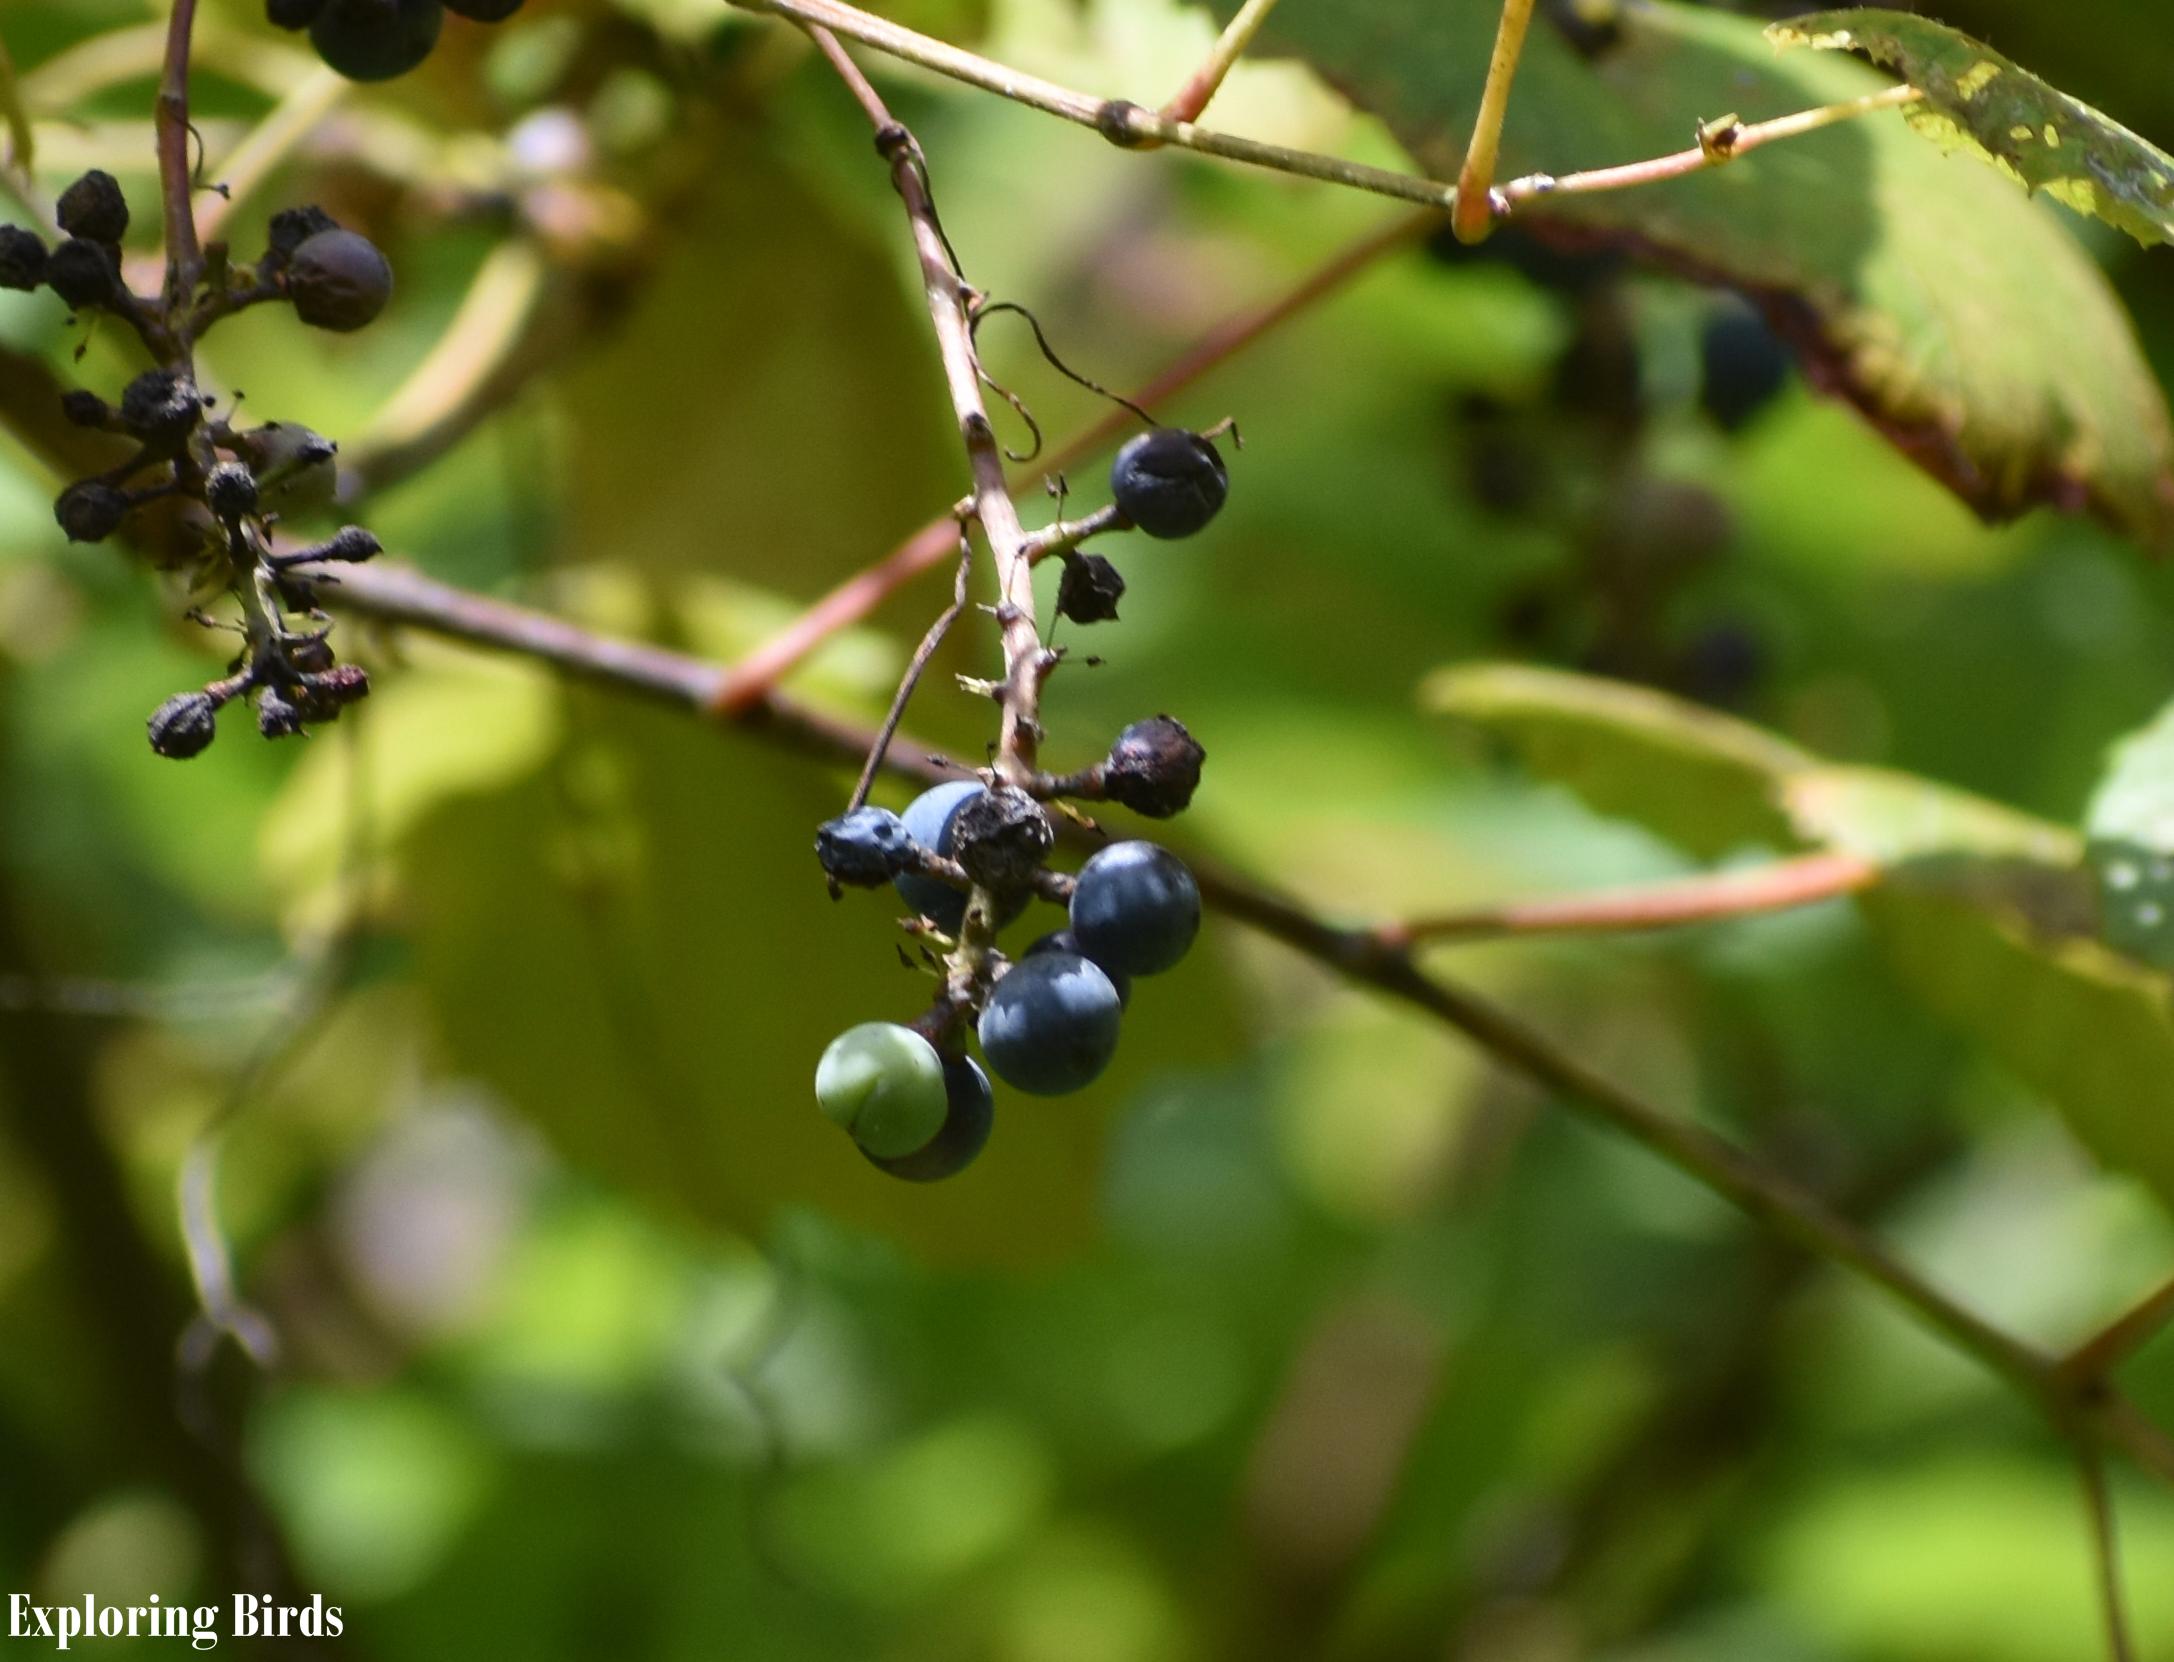 Wild Grape attracts Cedar Waxwing